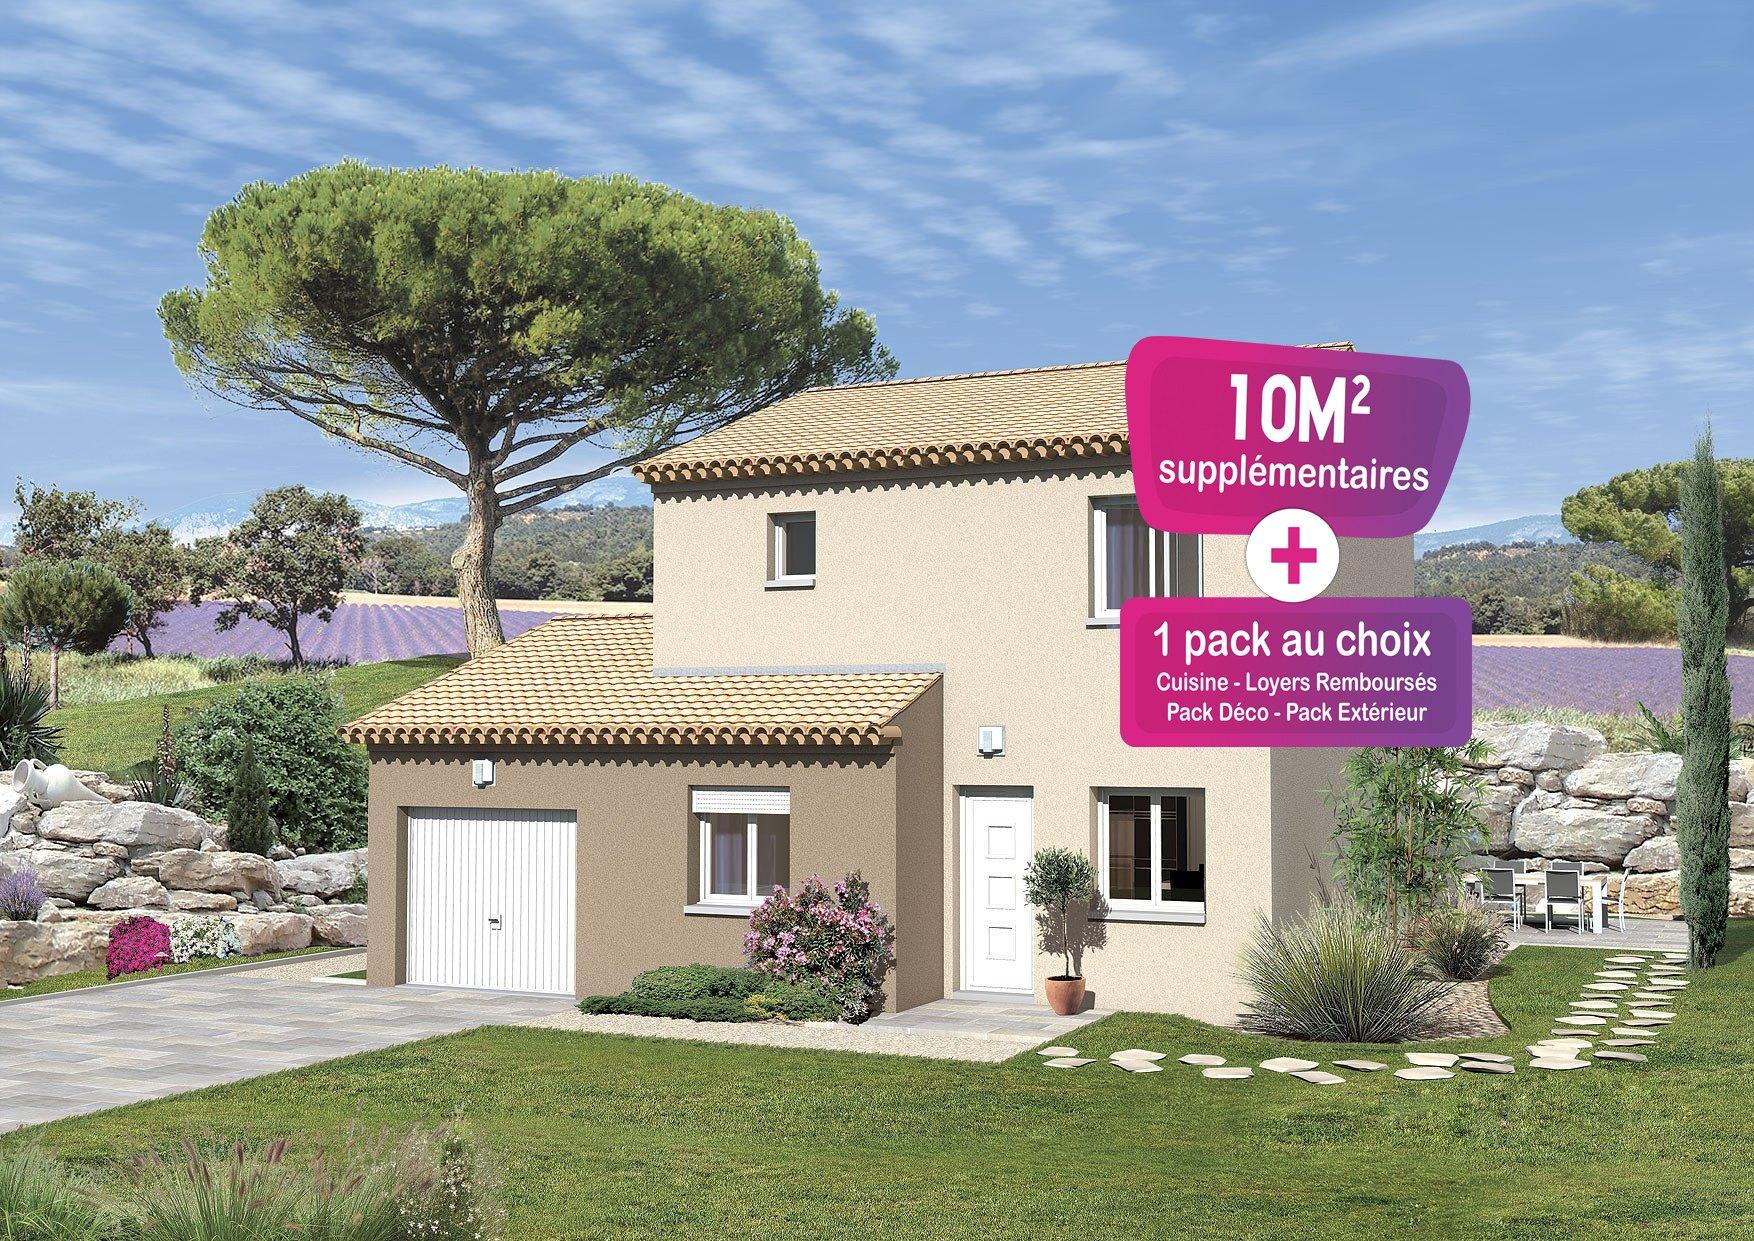 Maisons + Terrains du constructeur MAISONS PUNCH • 91 m² • GAUJAC